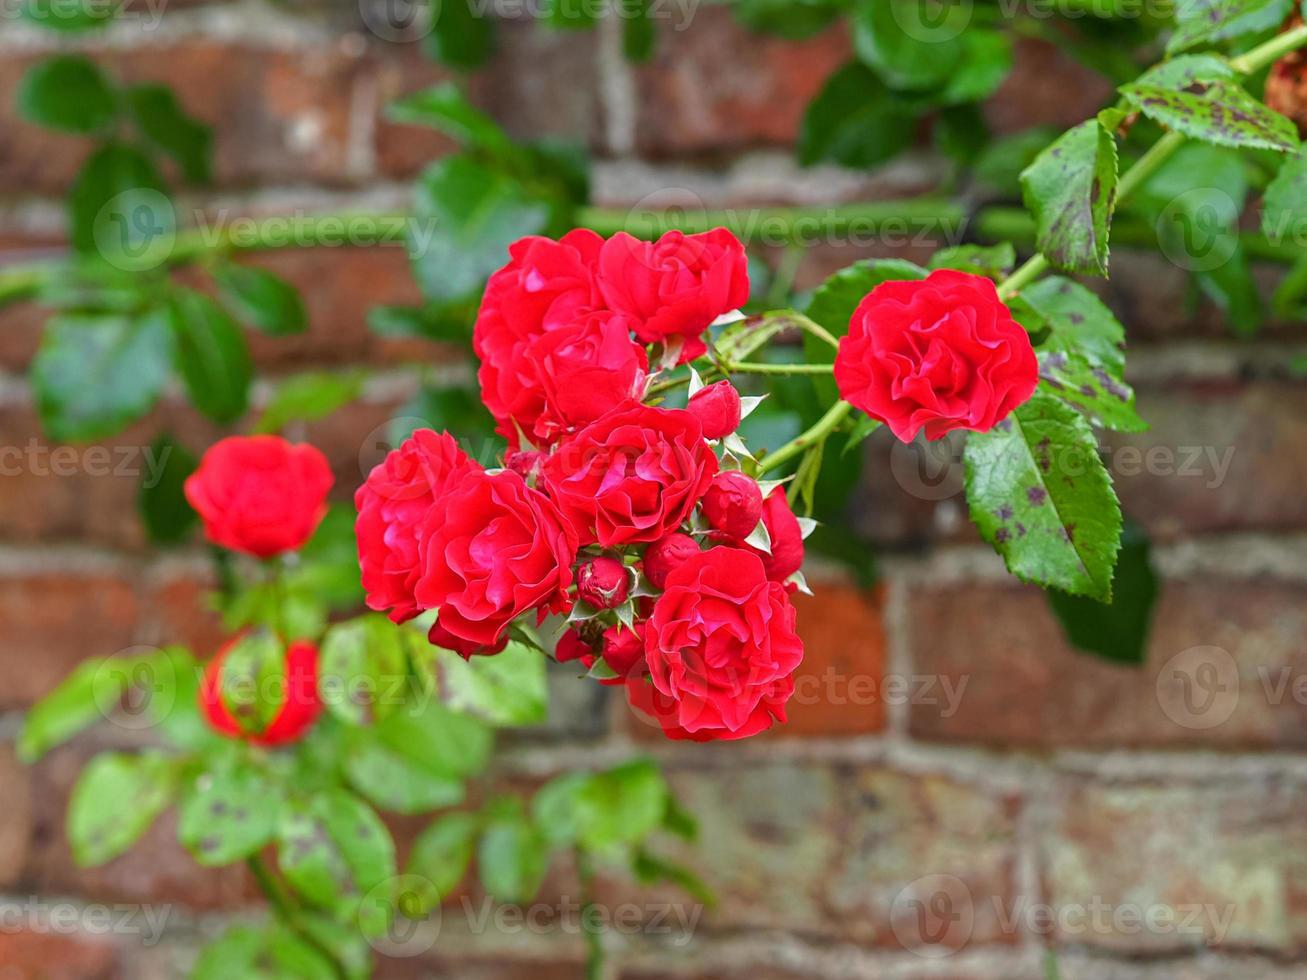 rose rosse rampicanti in fiore contro un muro di mattoni foto